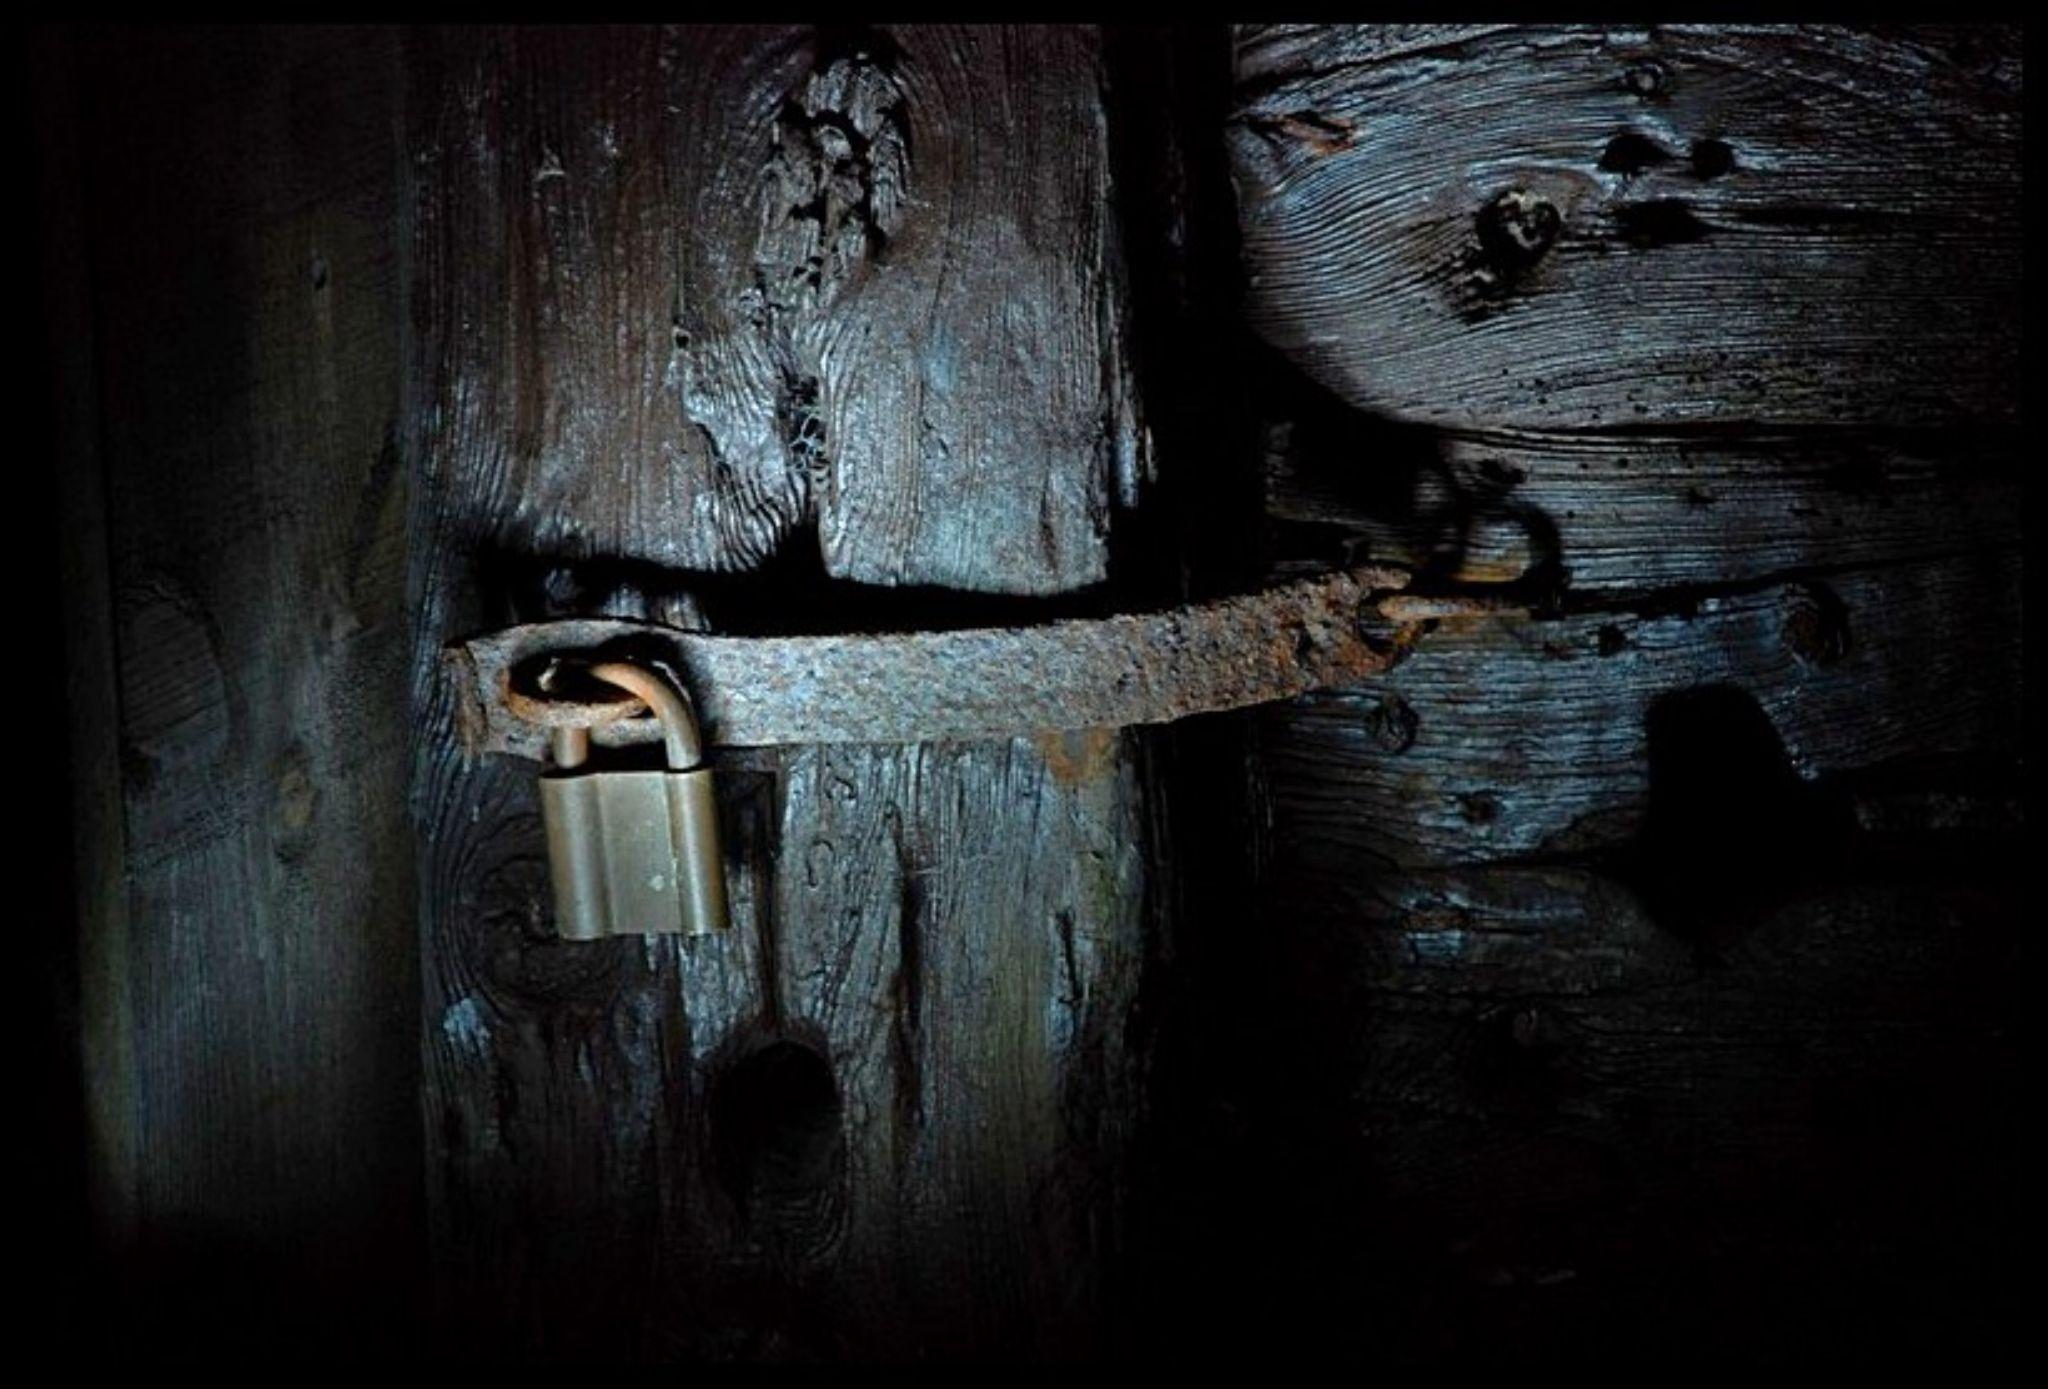 Lock by Elisabeth Garberg